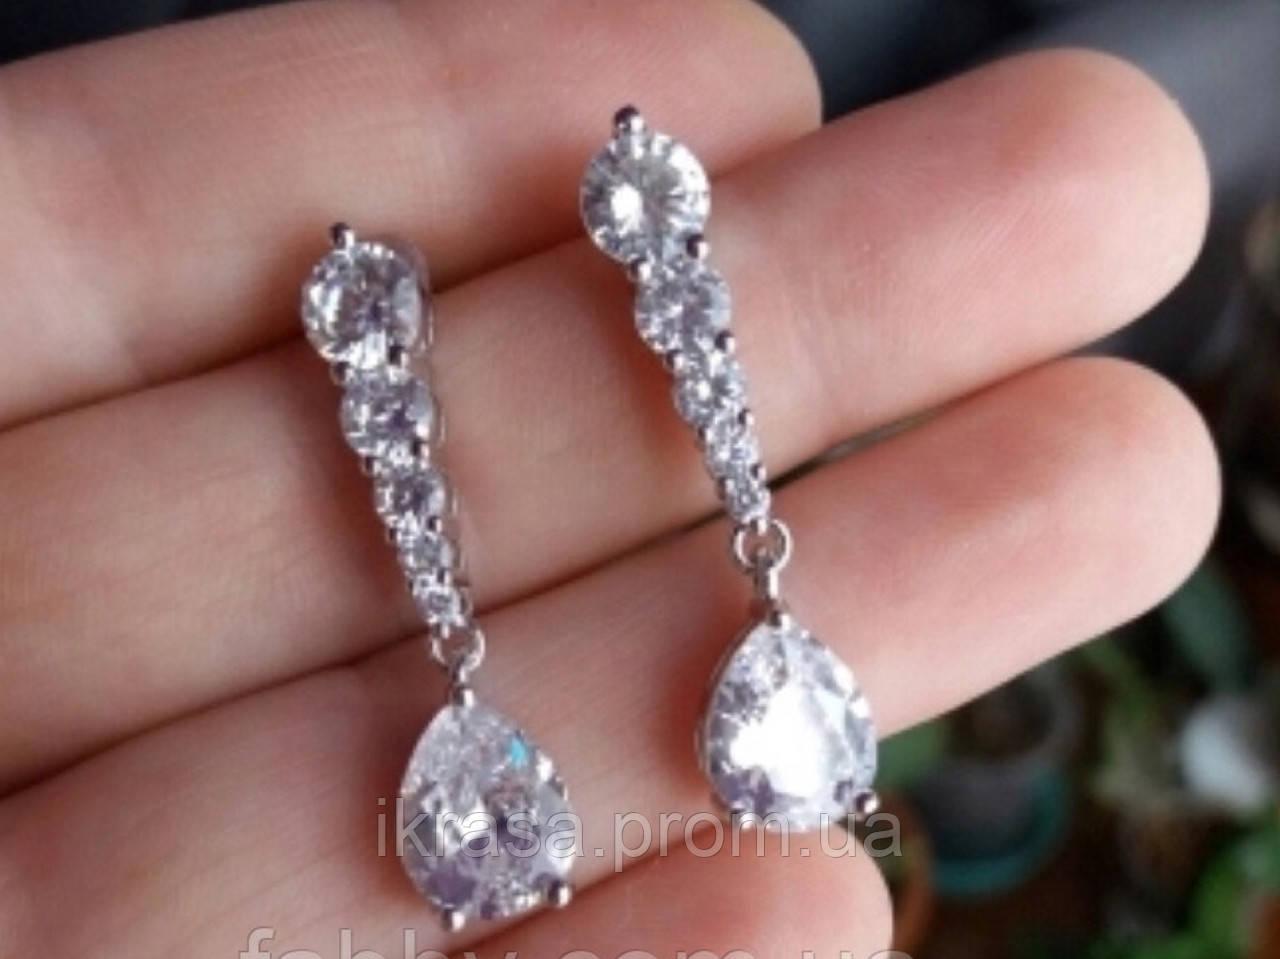 Lux посріблені невеличкі сережки з кристалами циркону 5,5 см довжиною